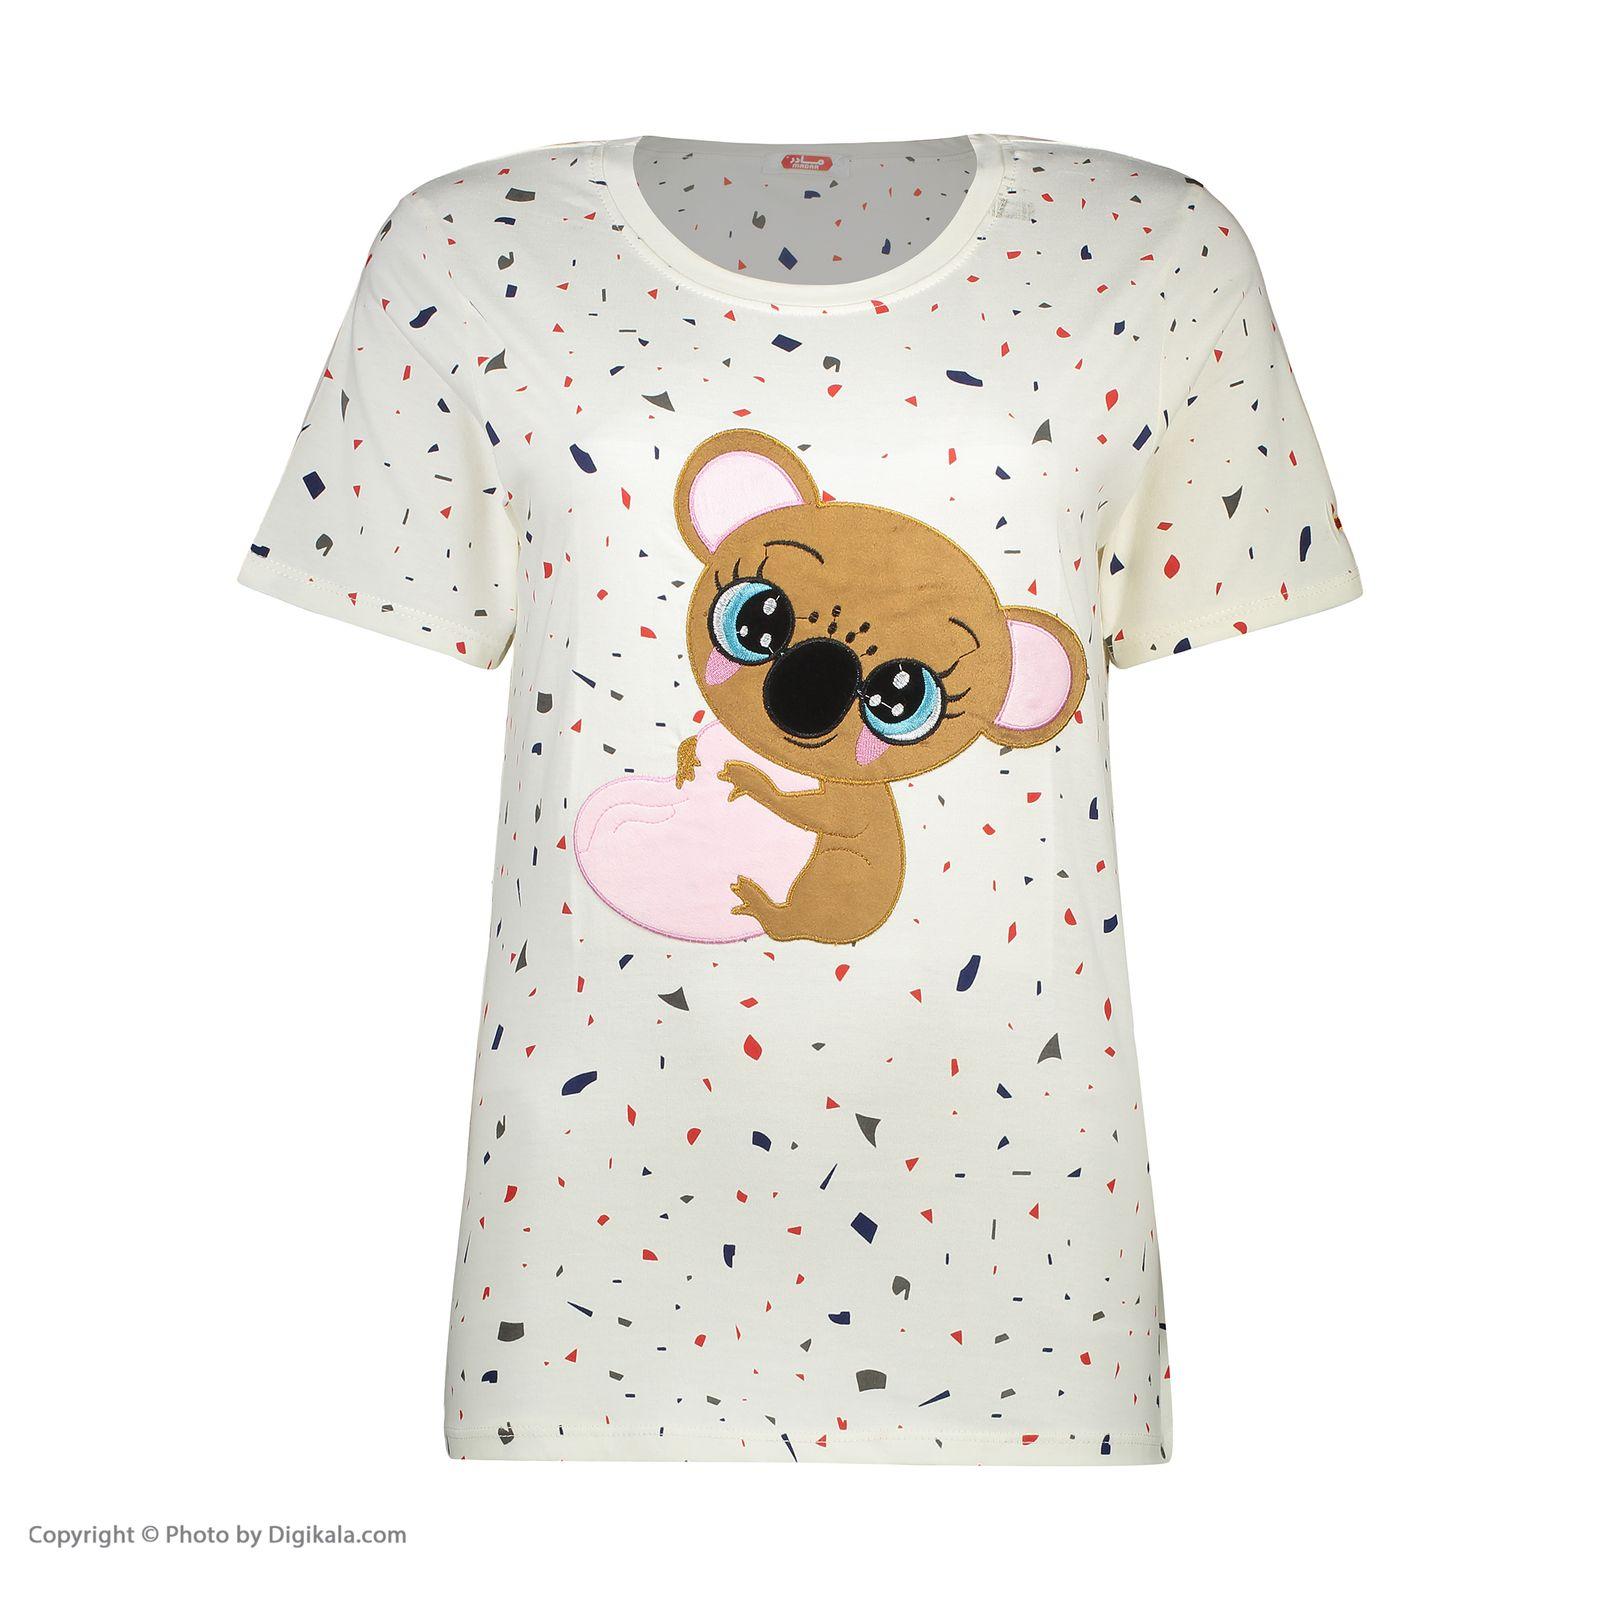 ست تی شرت و شلوارک راحتی زنانه مادر مدل 2041103-67 -  - 4